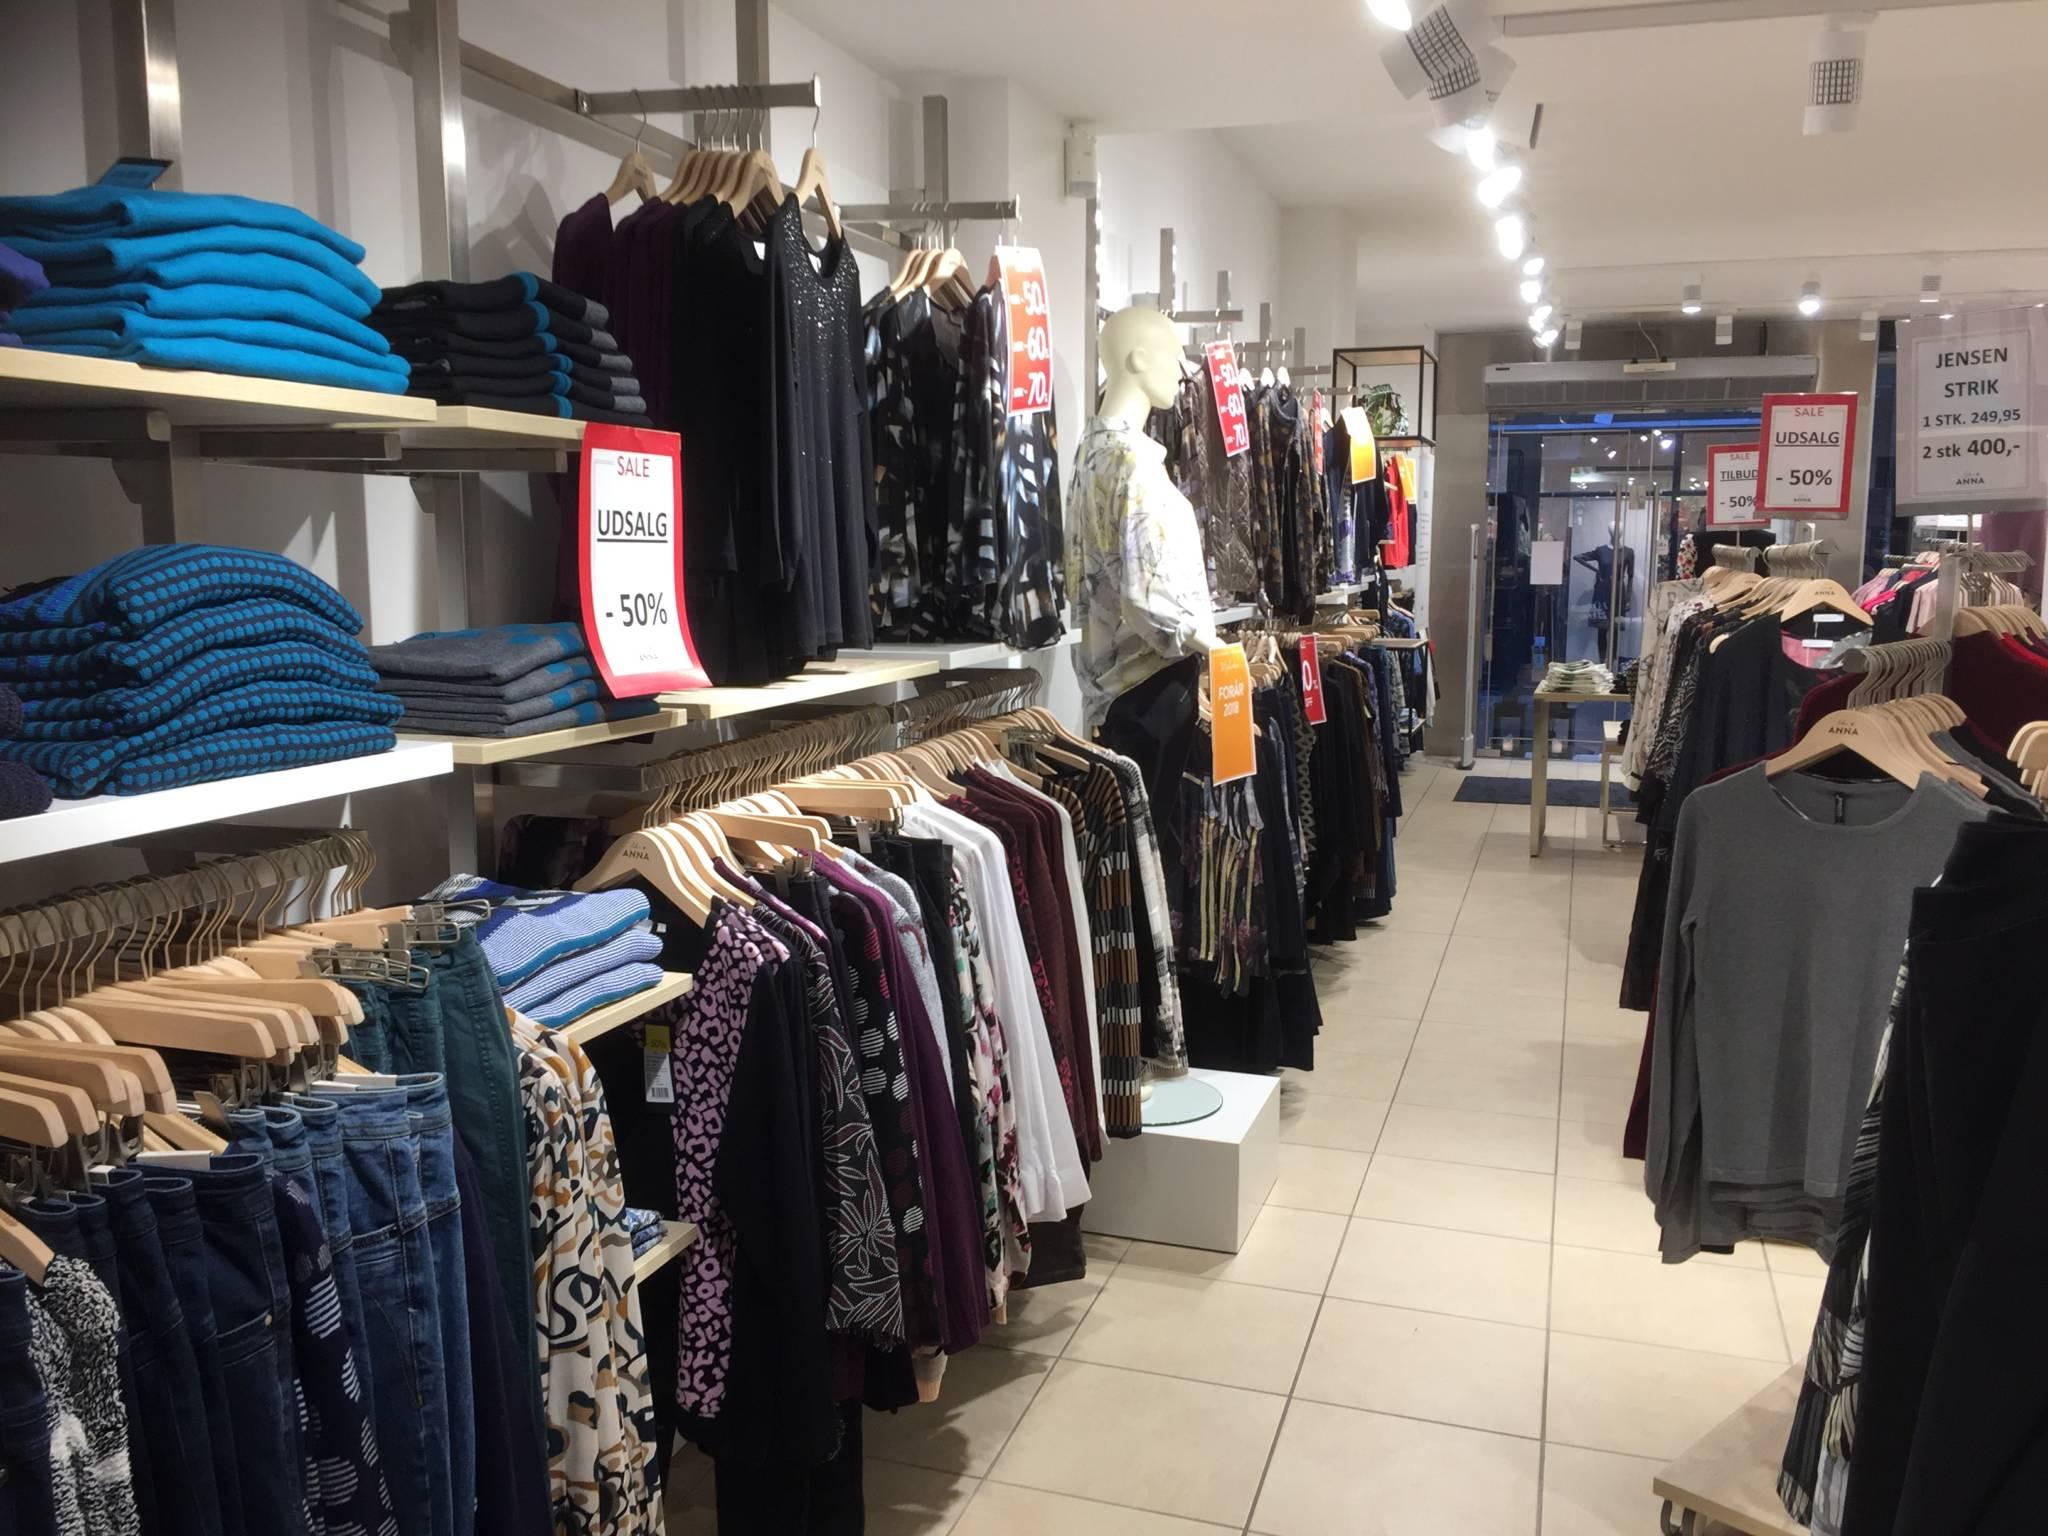 Flot indrettet mode butik i hjertet af Ålborg. Butiksinventar. Butiksindretning.